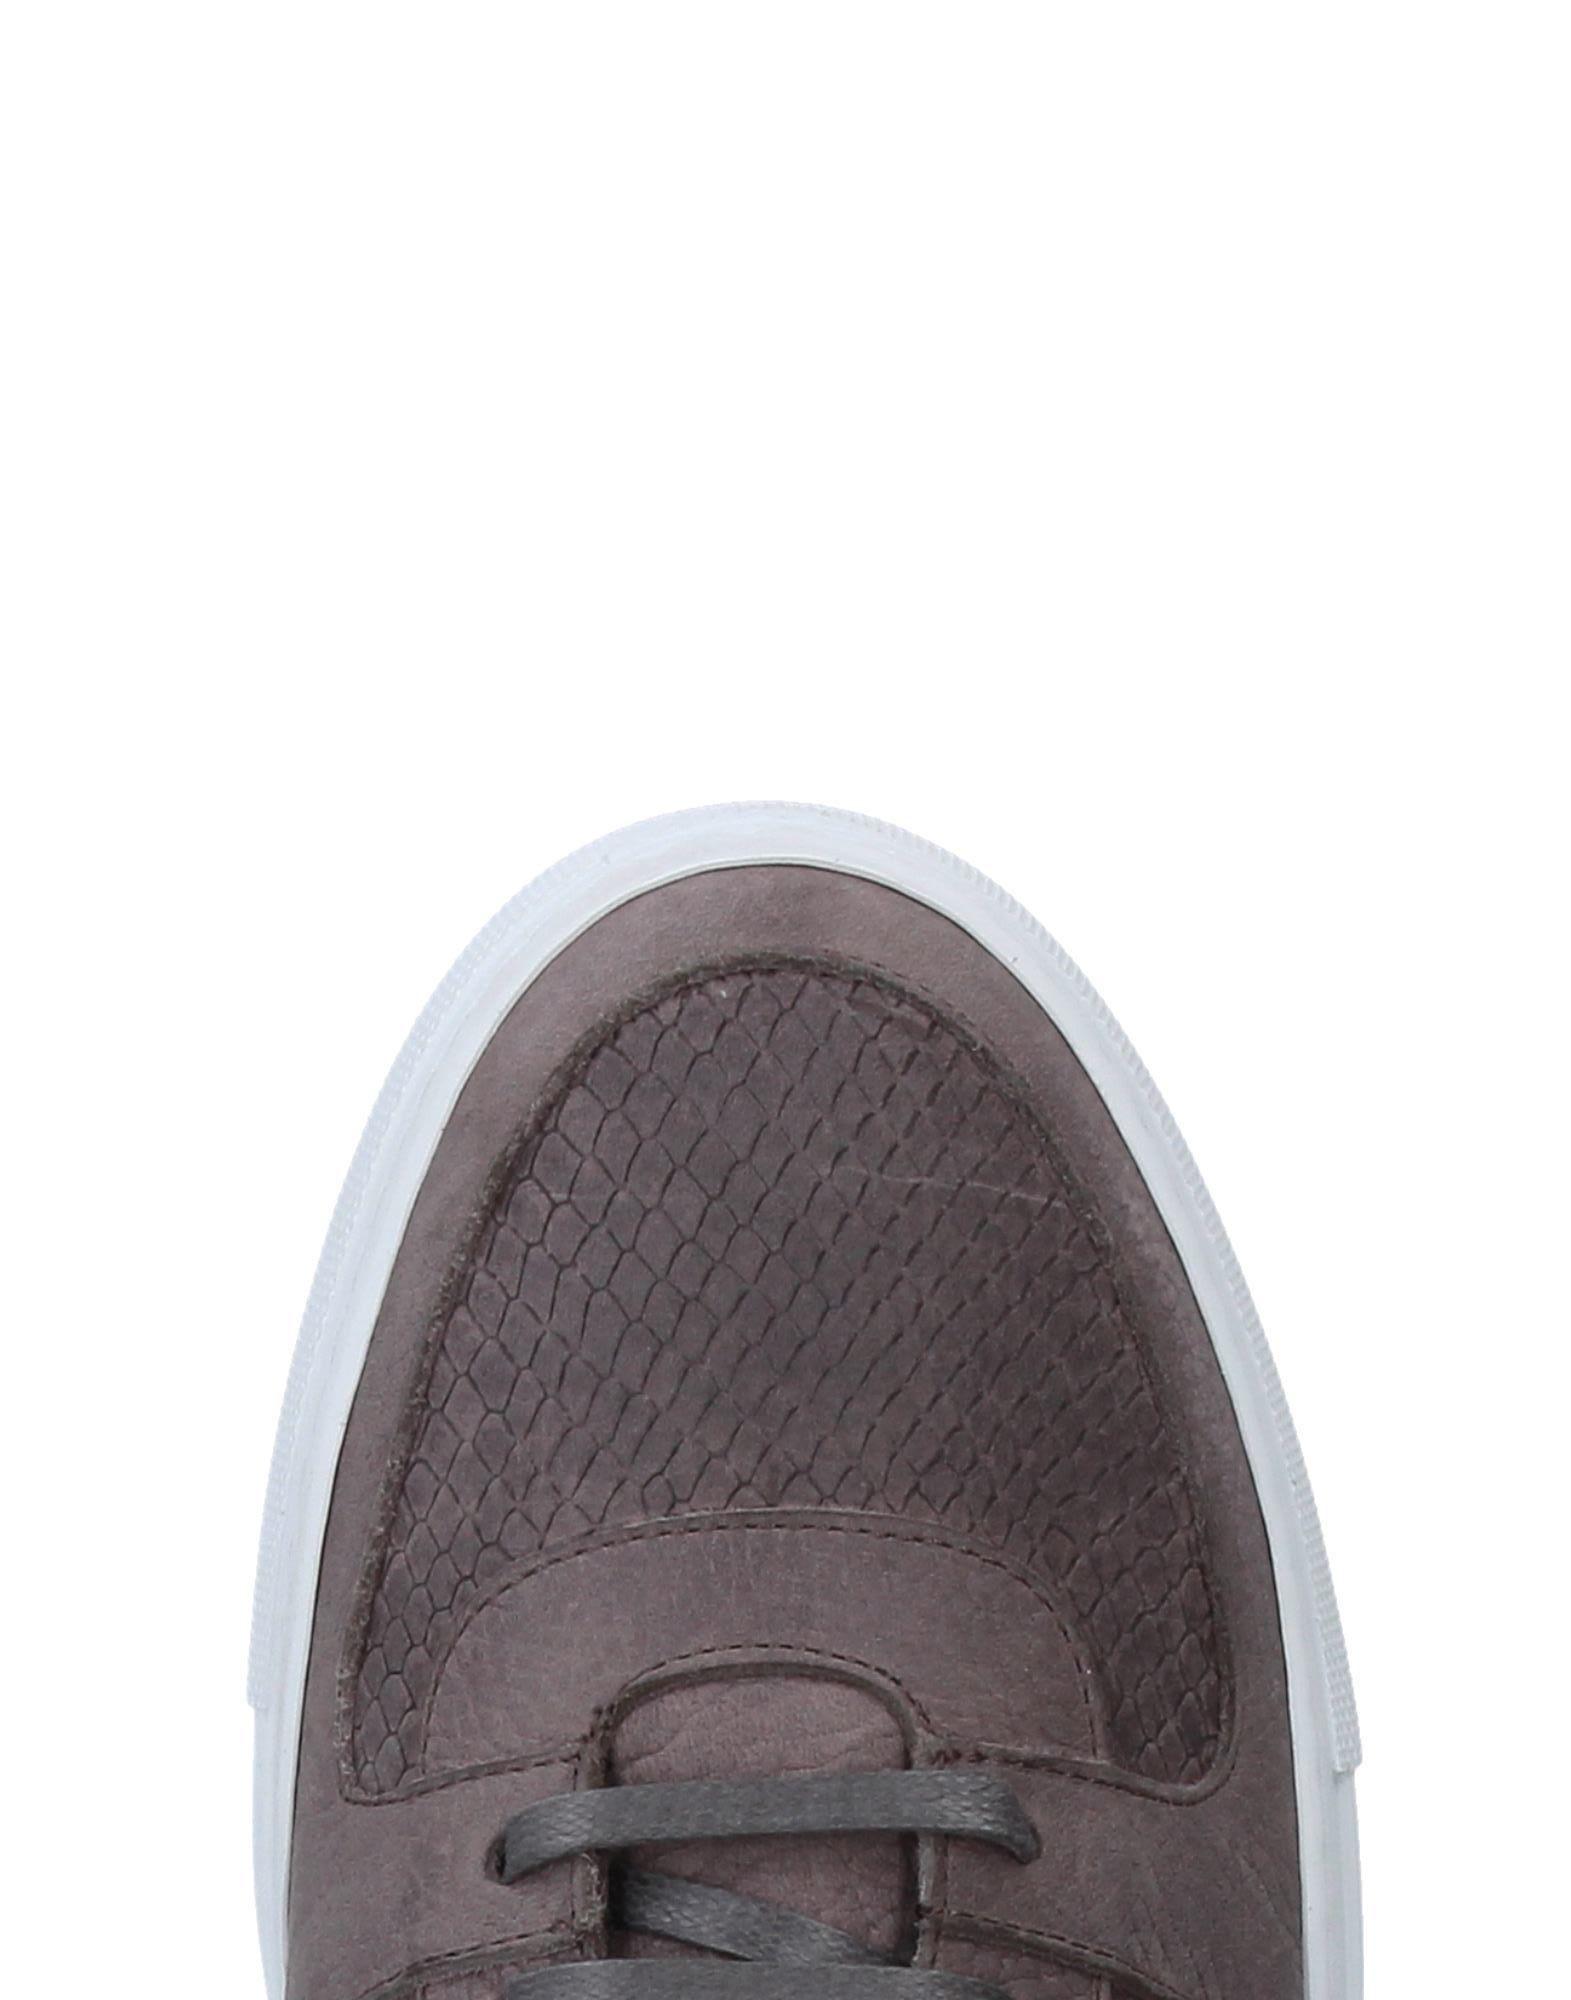 Ricci Fabiano Ricci  Sneakers Herren  11271536HI e4af1f